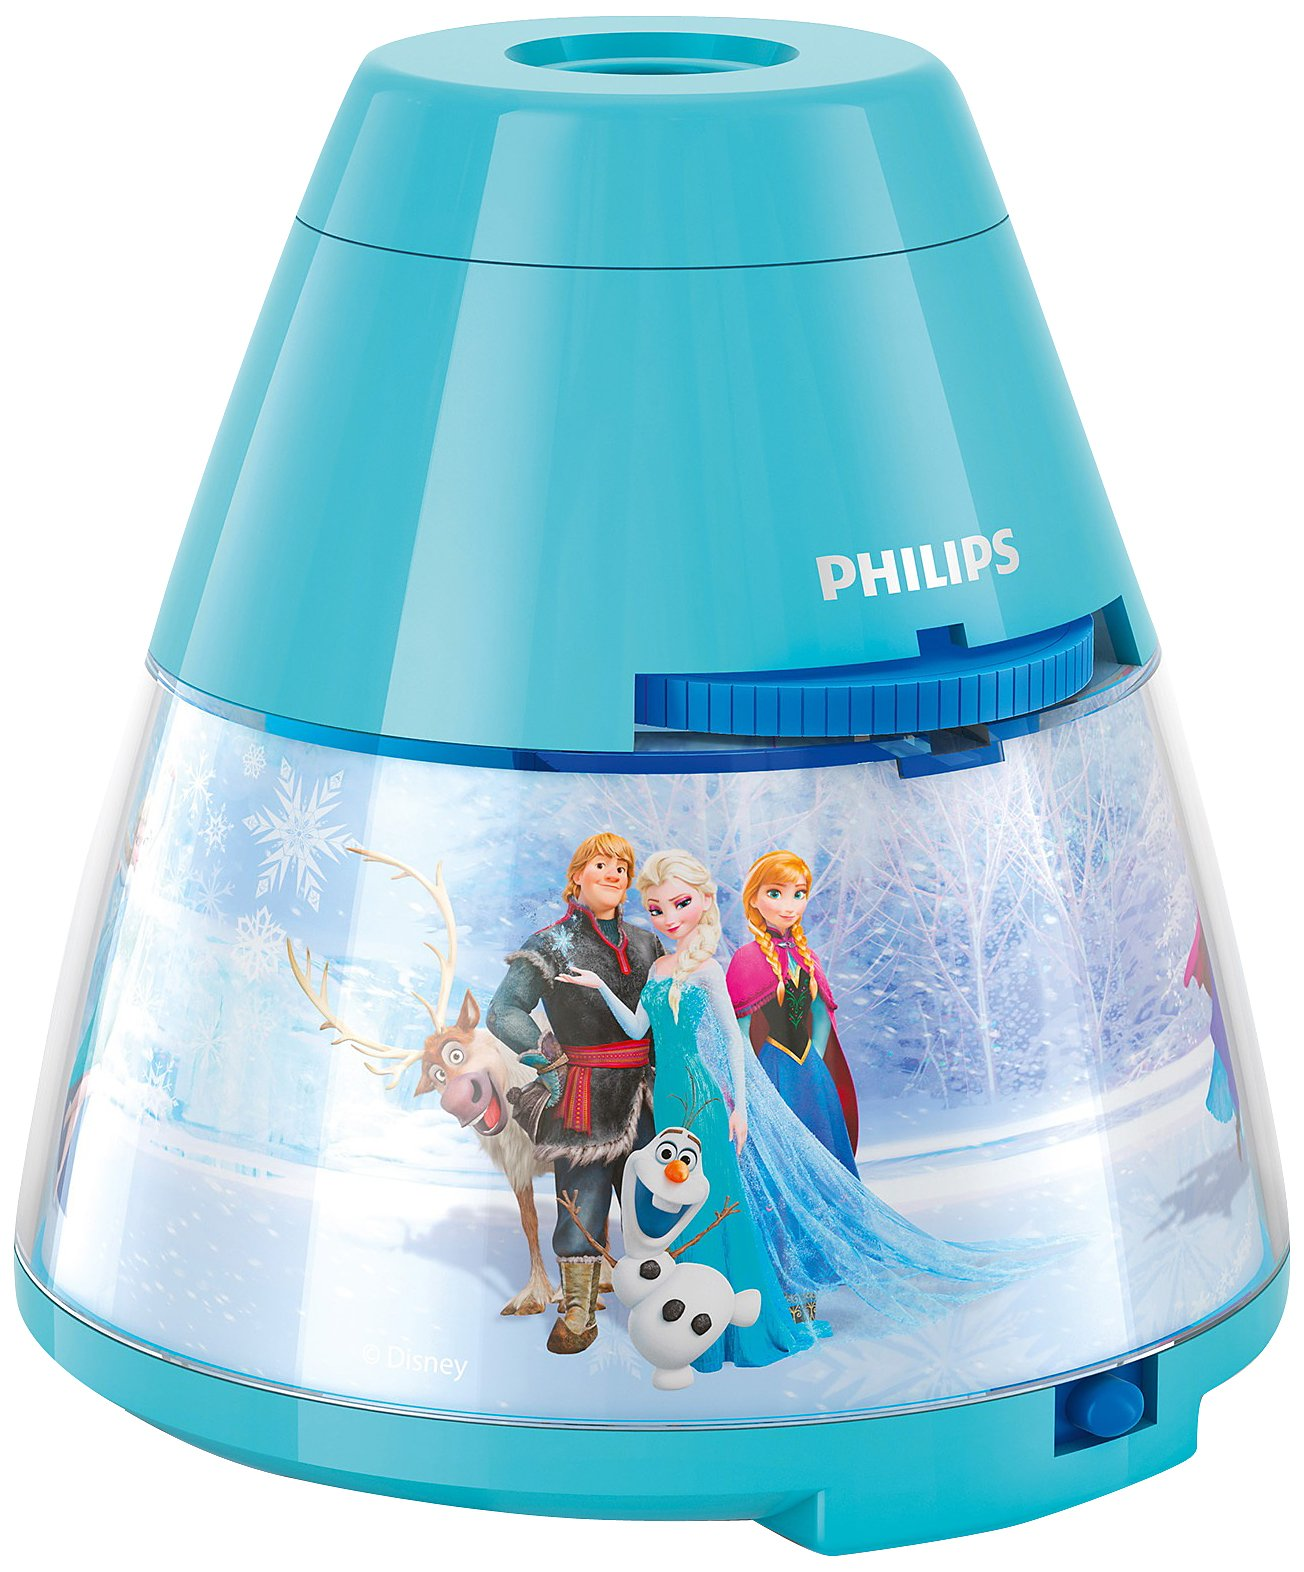 Philips e Disney, Frozen, Lampada da Tavolo Proiettore LED  eBay